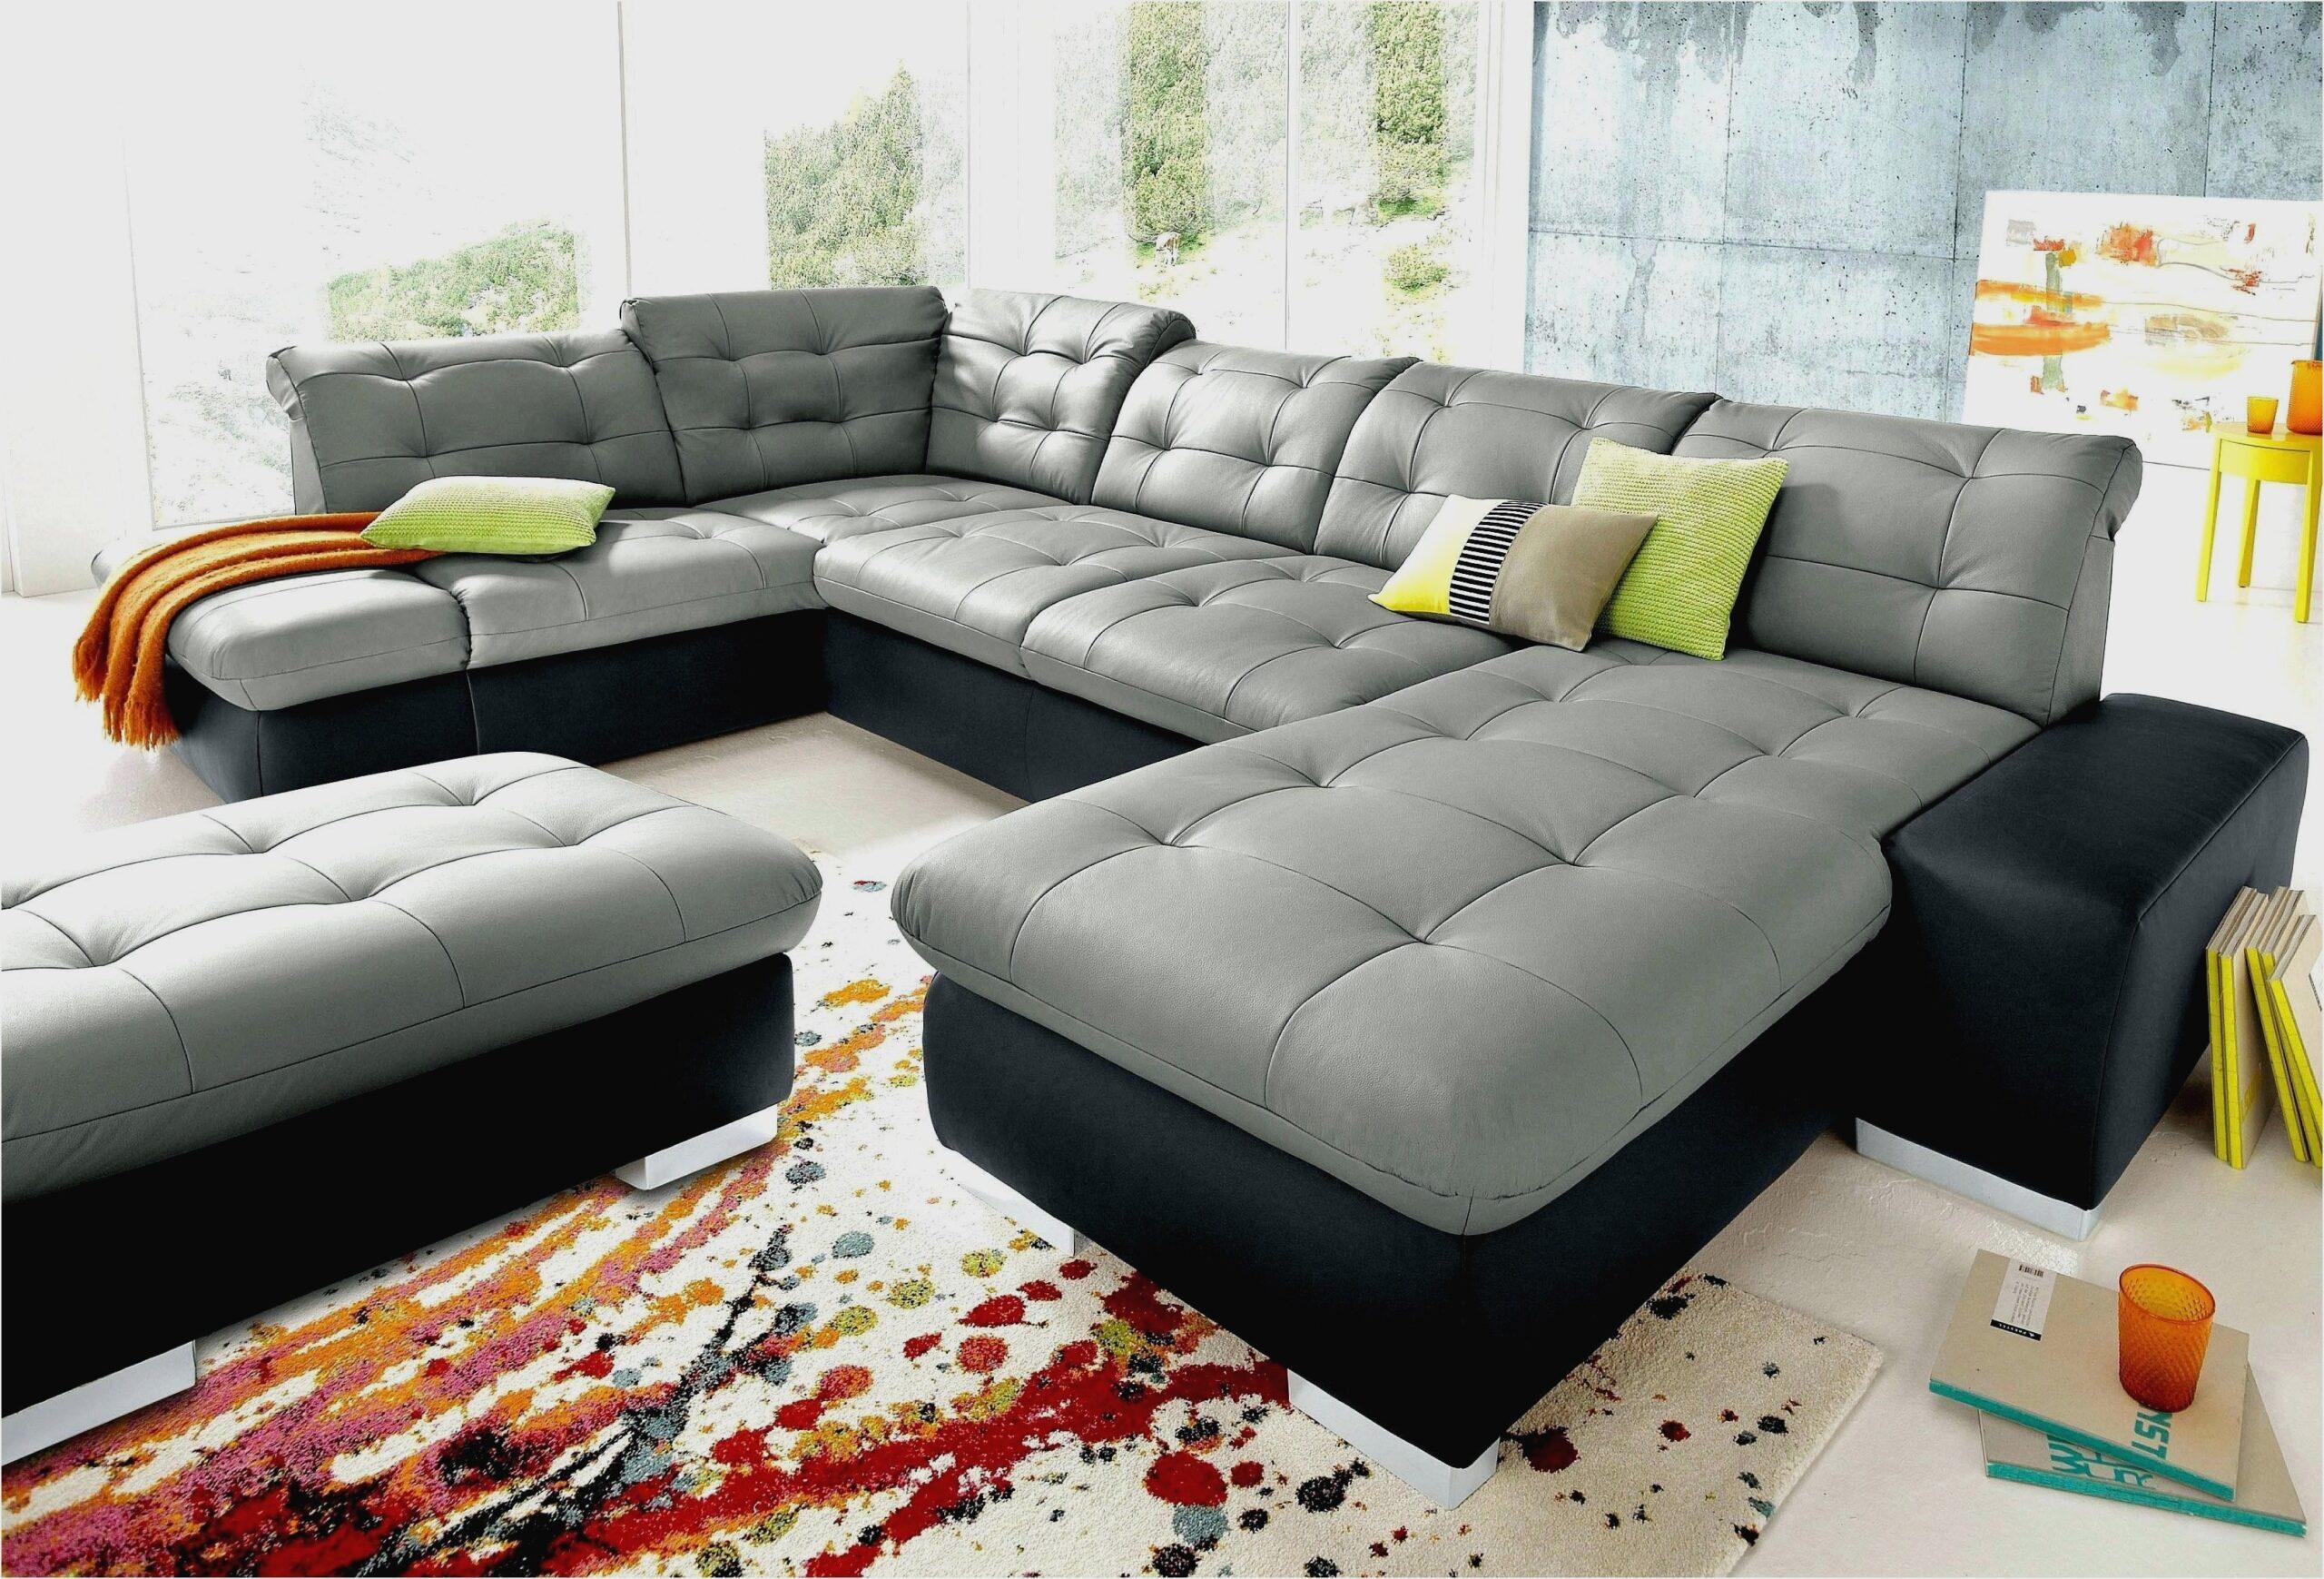 Full Size of Roller Big Sofa Rot Couch Arizona Toronto L Form Bei Sam Kolonialstil Grau Schlafsofas Von Ohrensessel Xxl Leder Haus Mbel Für Esstisch Schlaffunktion Mit Wohnzimmer Big Sofa Roller